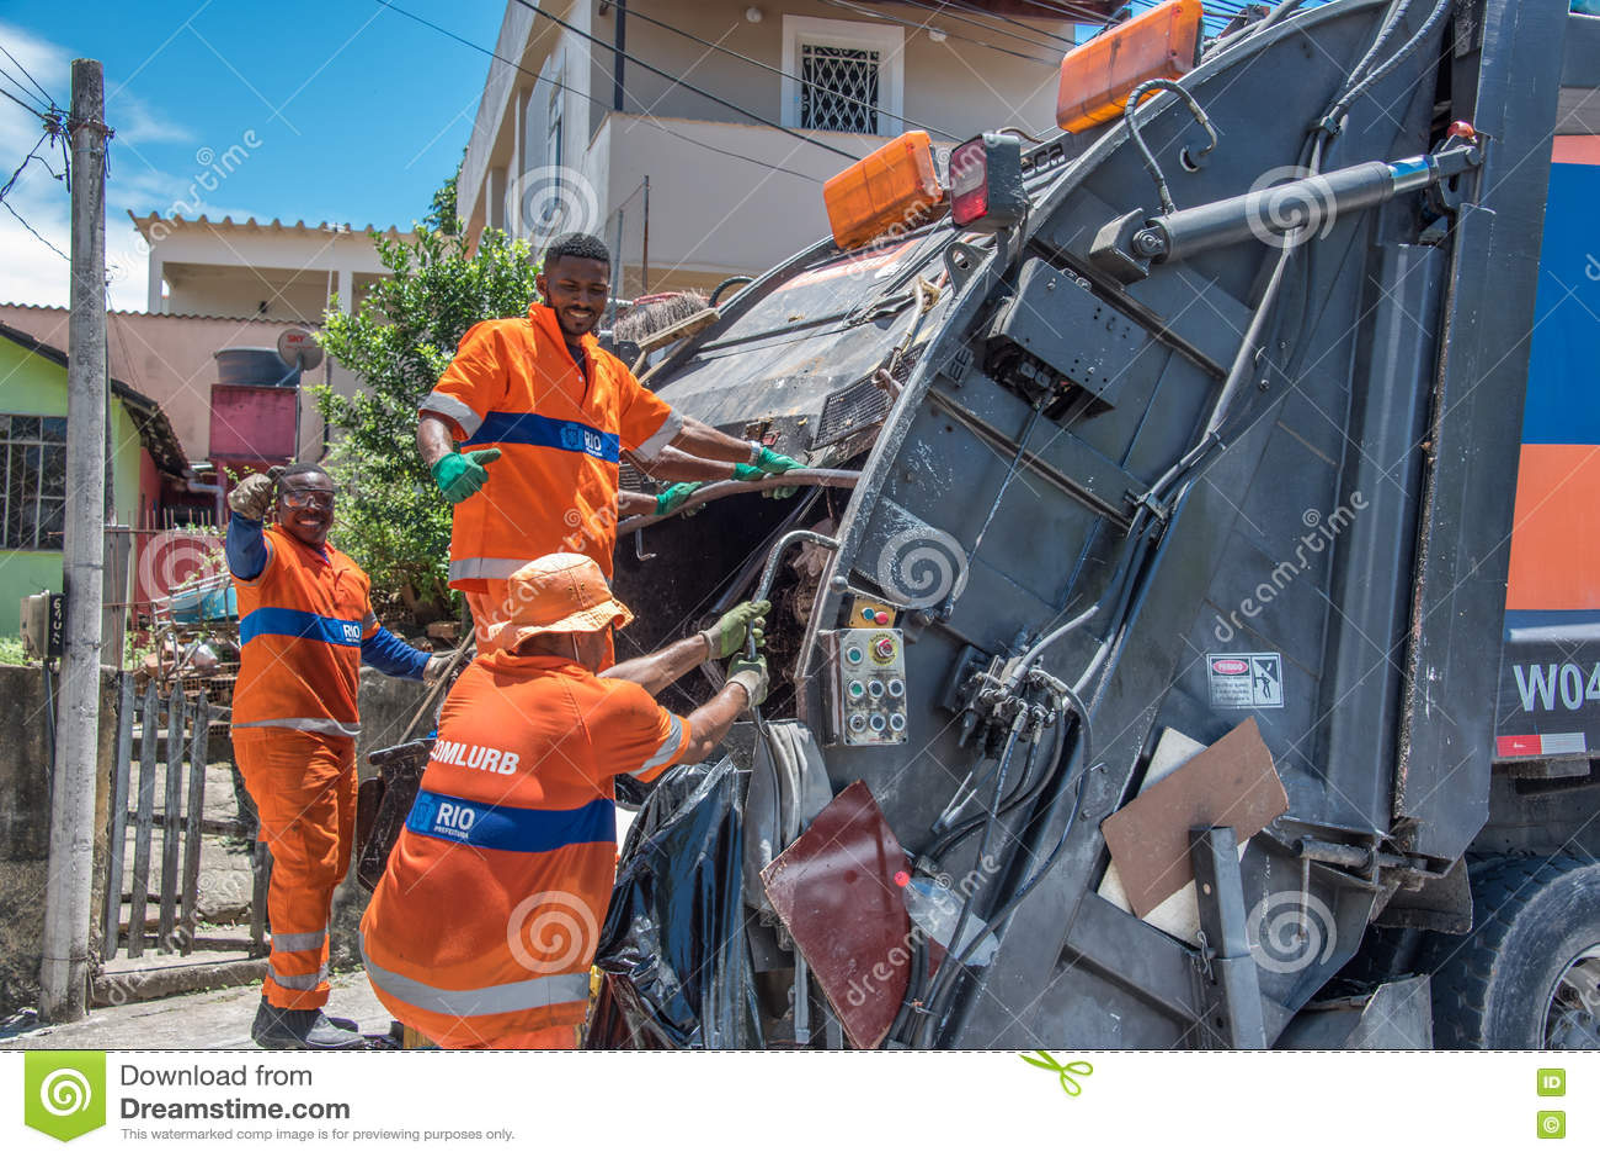 Les travailleurs urbains du COMLURB municipal mettant des déchets dans réutiliser le camion à ordures